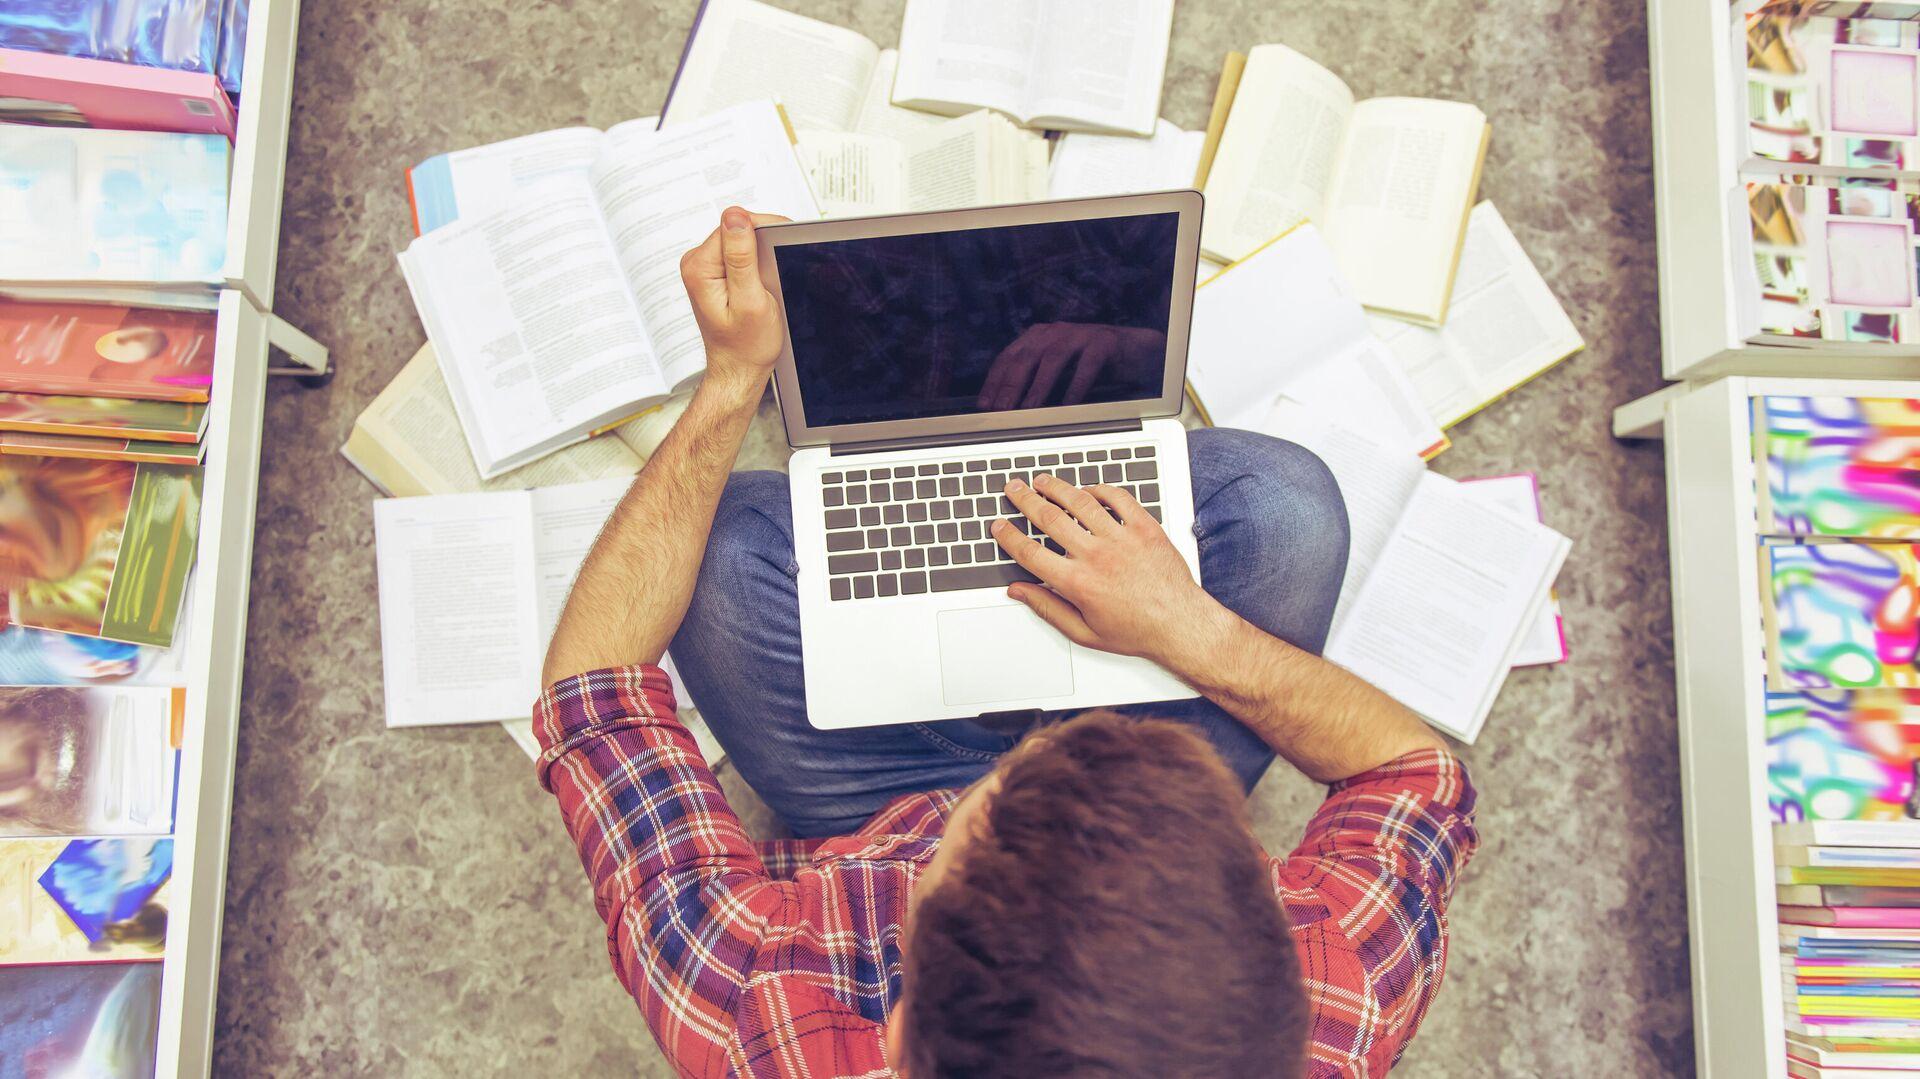 Студент с ноутбуком в библиотеке - РИА Новости, 1920, 26.07.2021